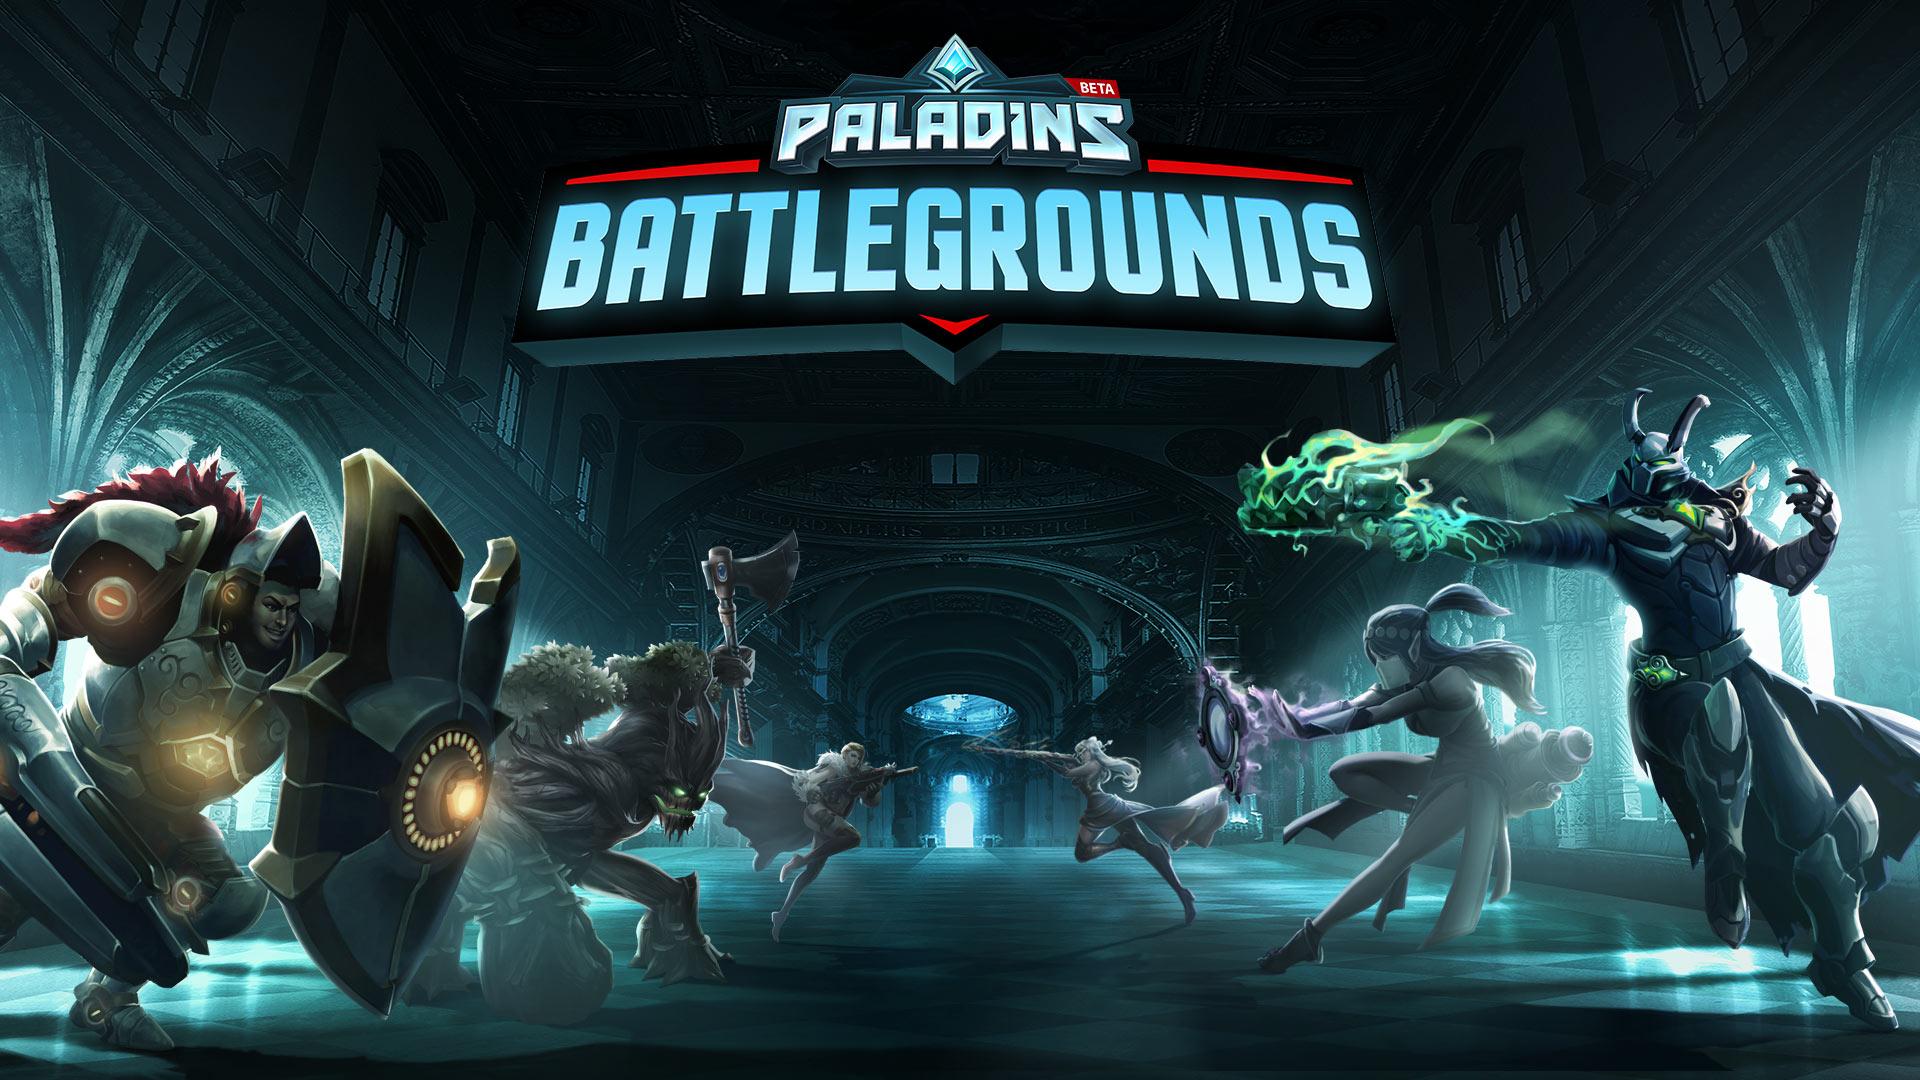 Paladins Battlegrounds Art